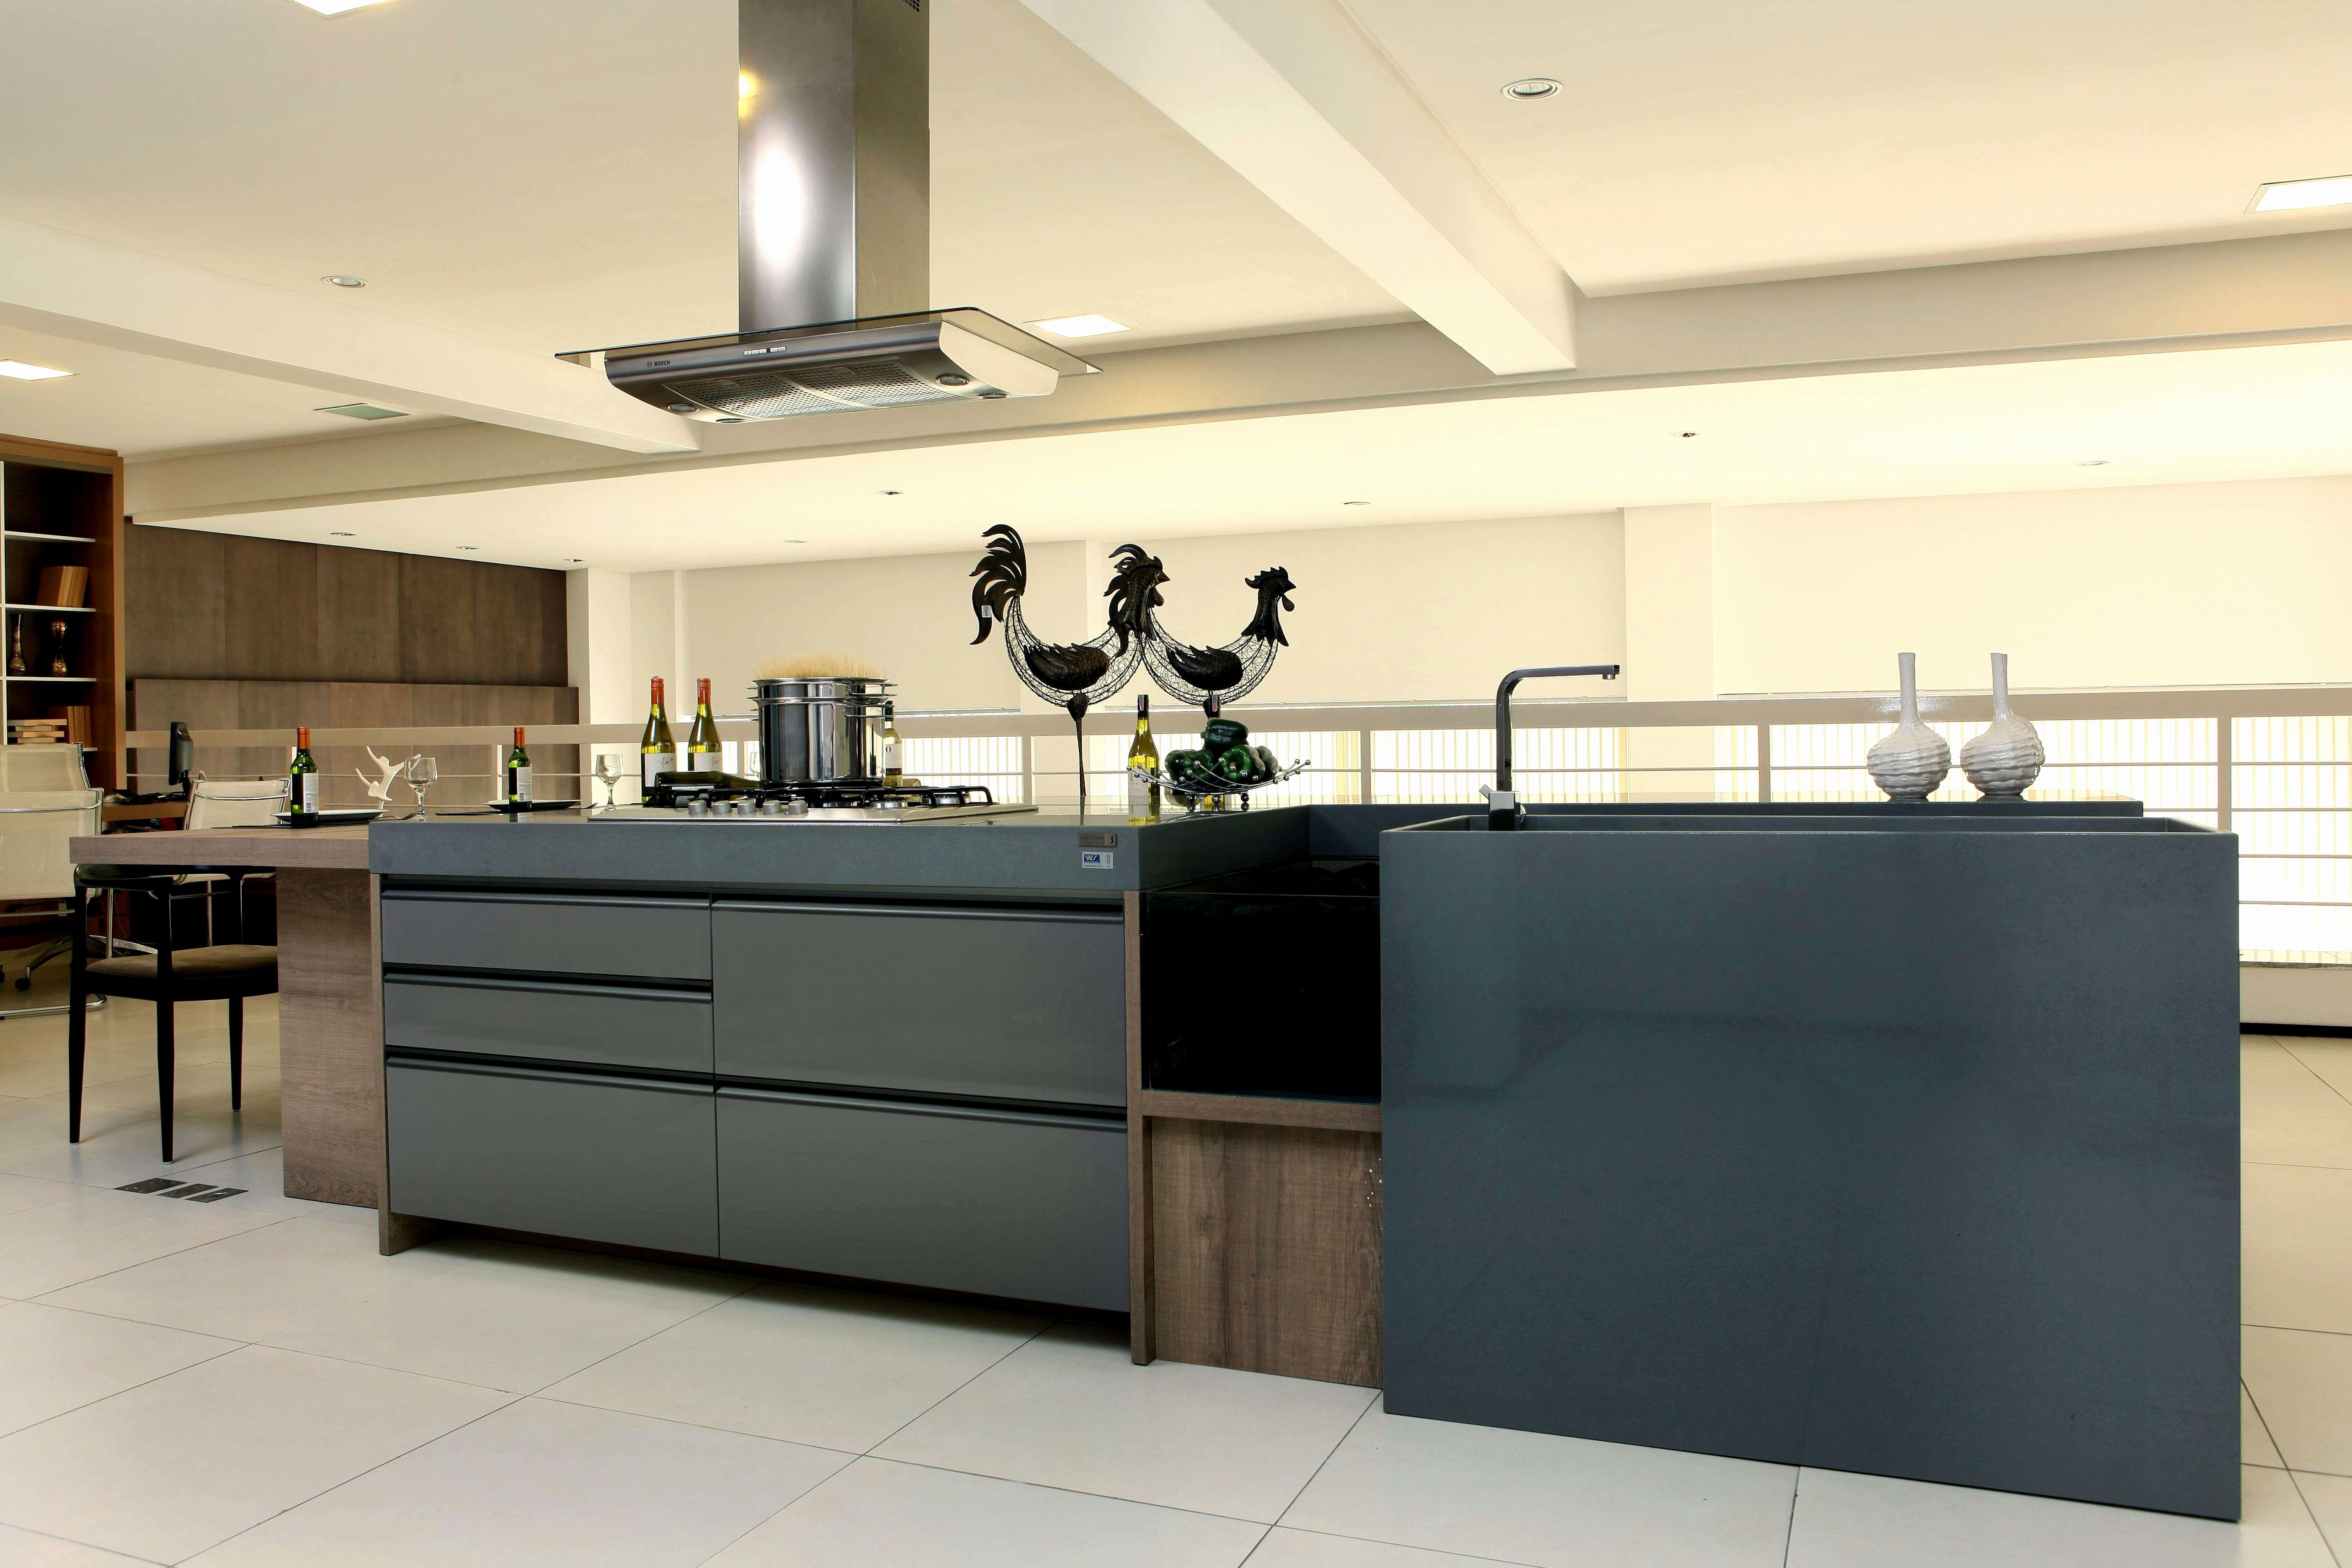 28 Genial Kuchenarbeitsplatte Beleuchtung Kitchen System Kitchen Ikea Drawer Organizer Ikea Drawers